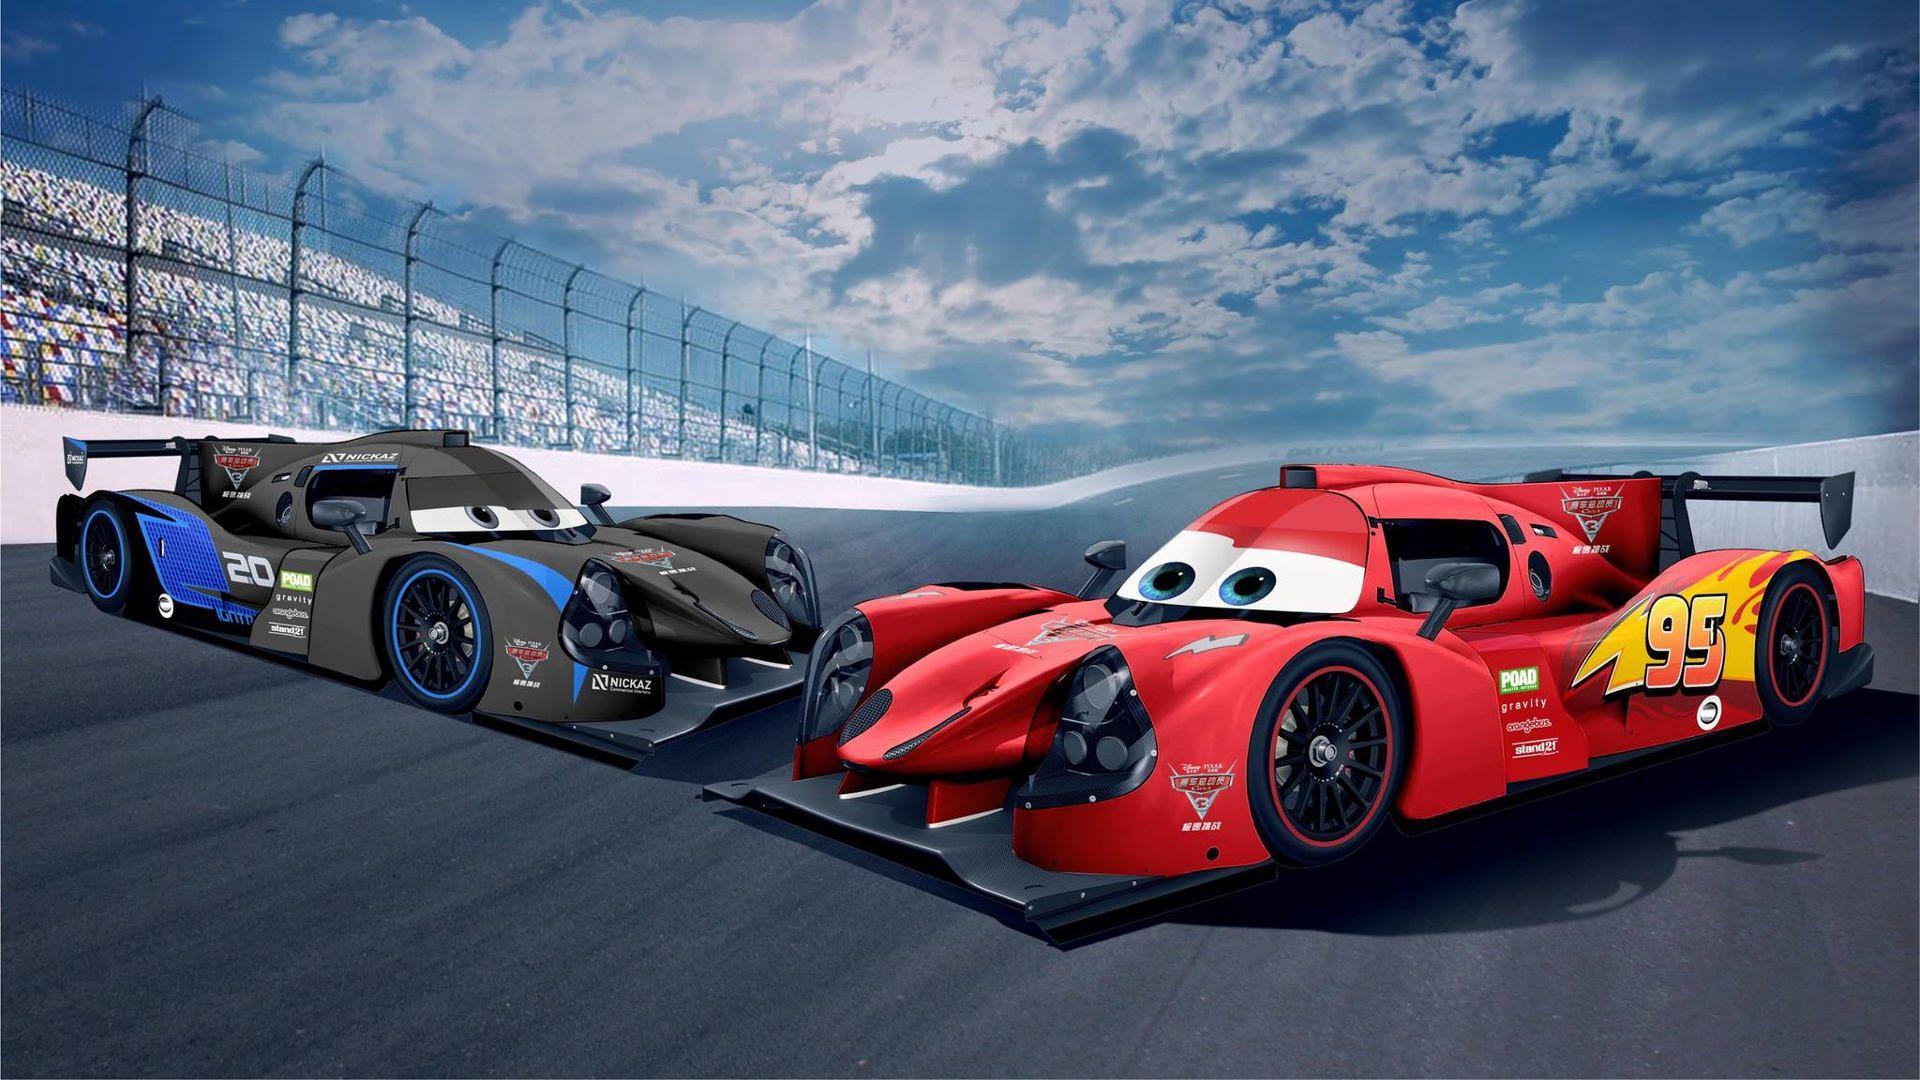 lmp3 race cars get